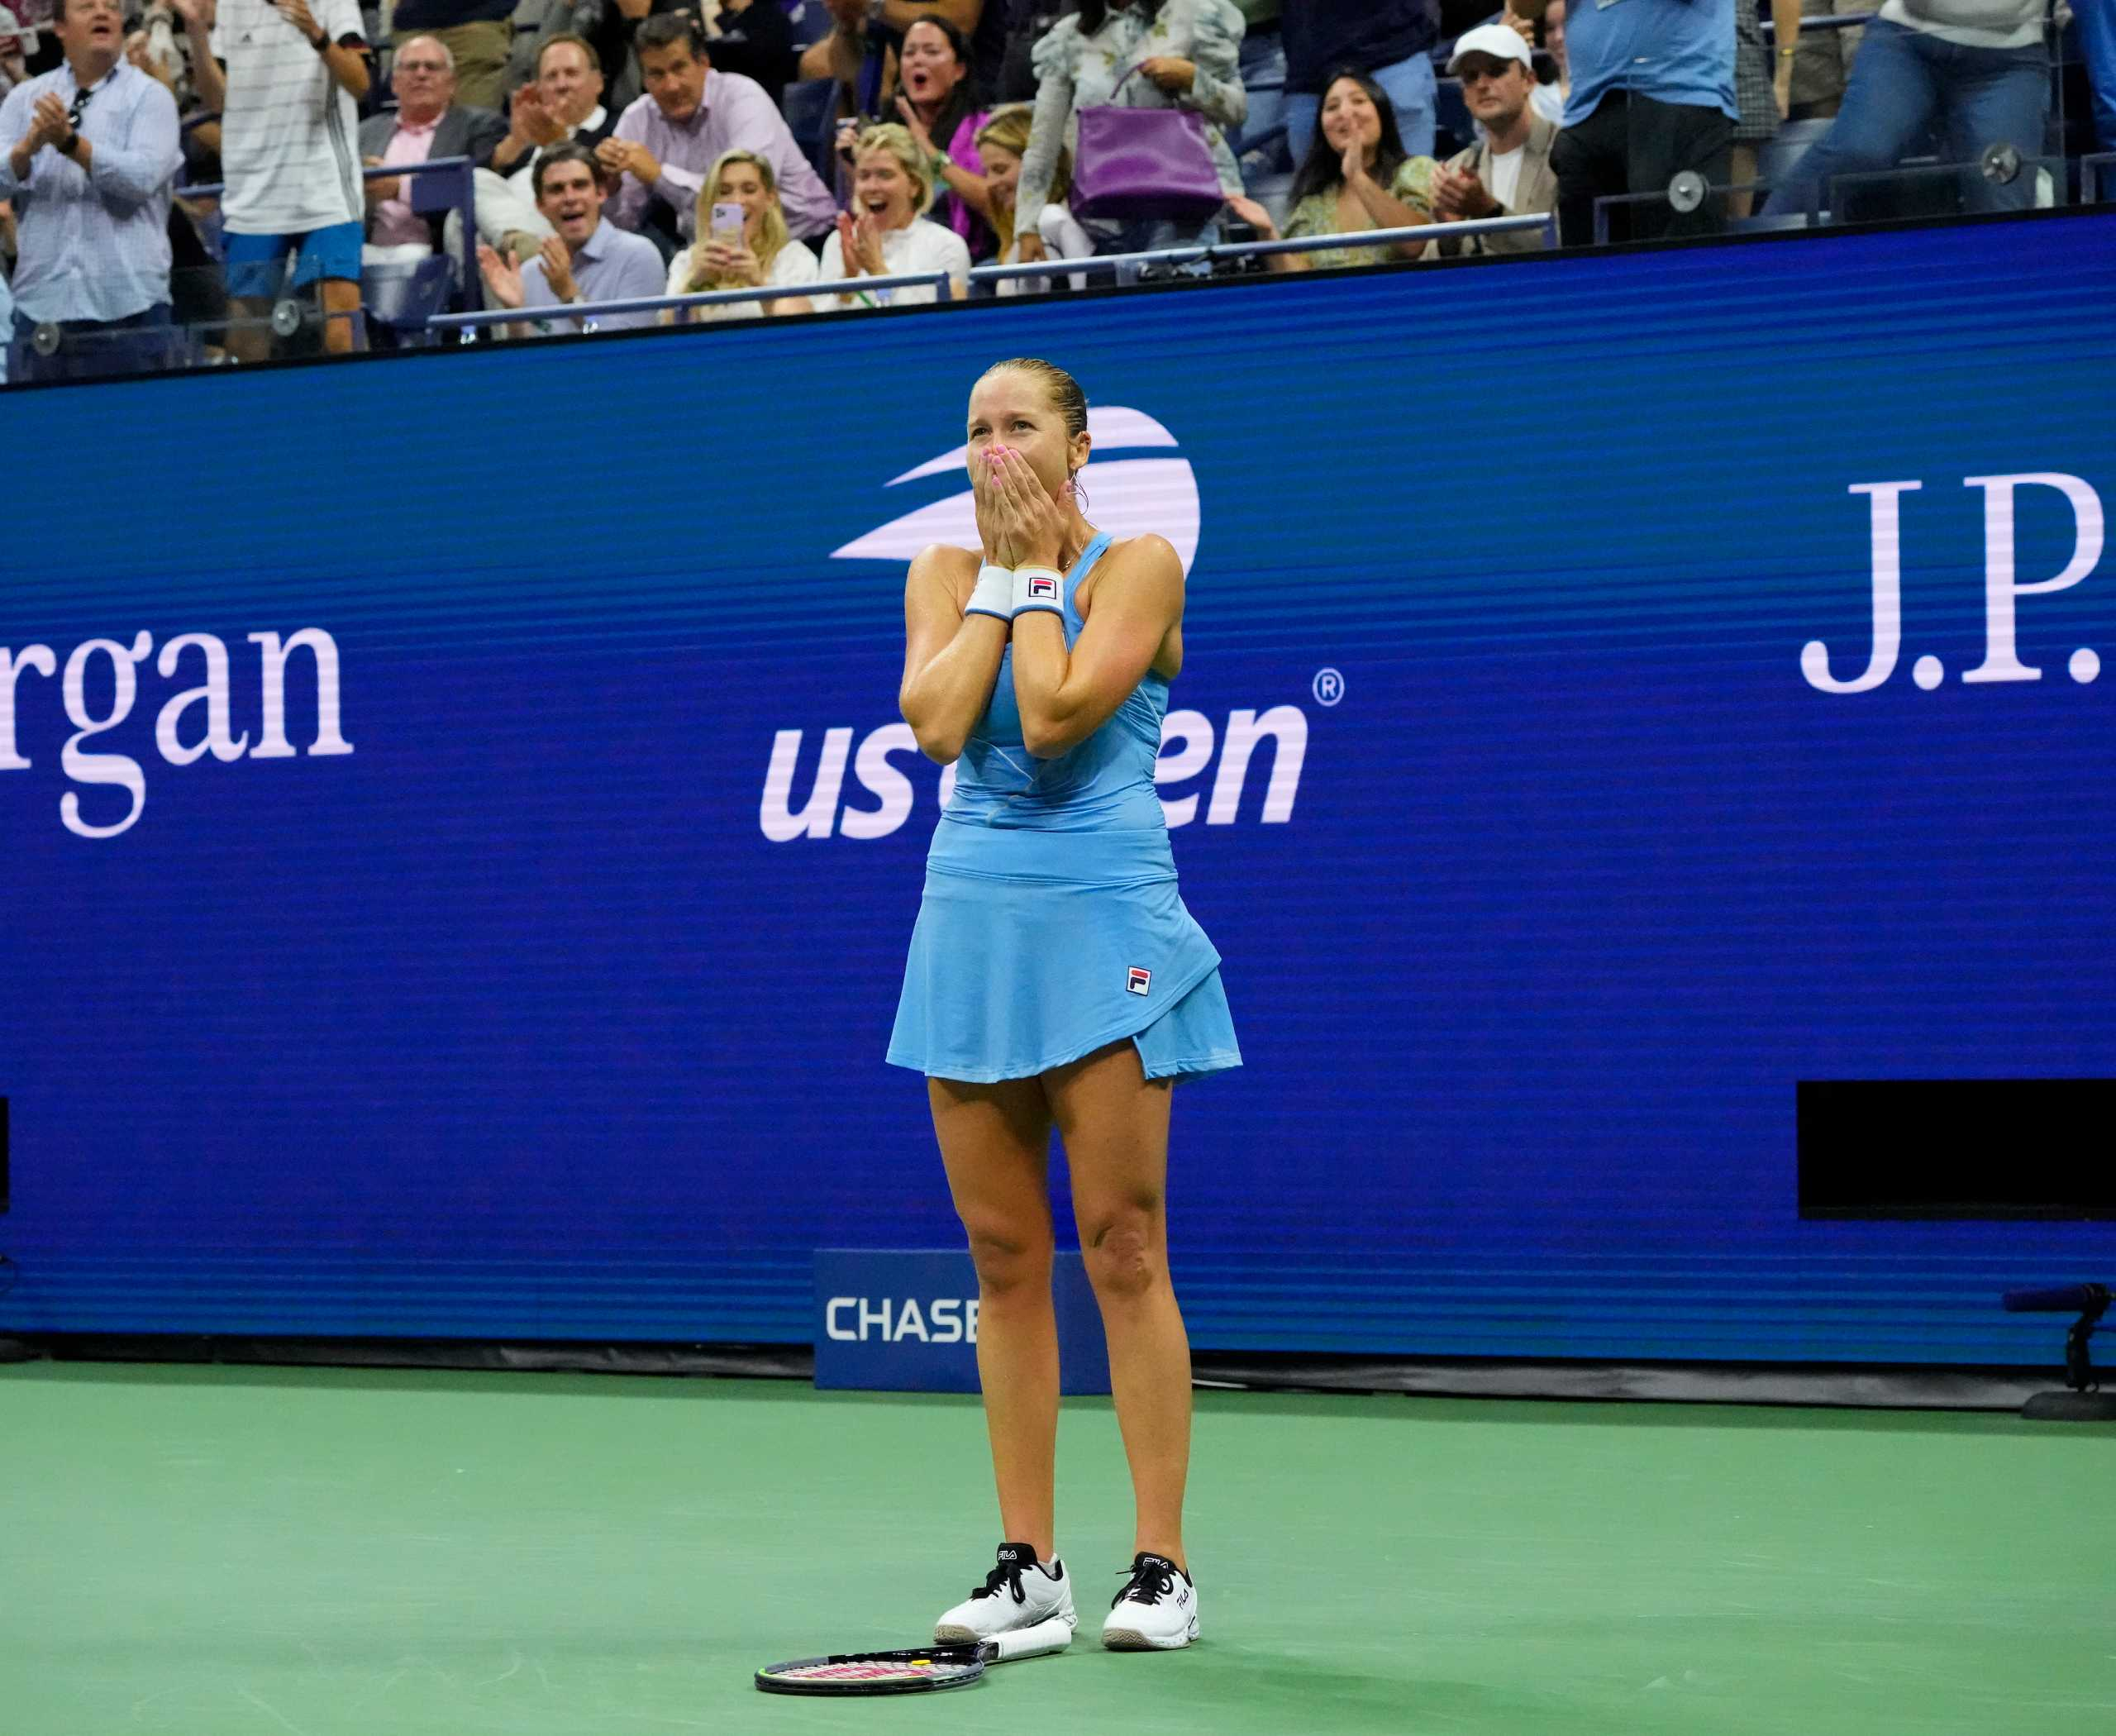 US Open: Ήττα σοκ και αποκλεισμός για την Μπάρτι από την Ρότζερς